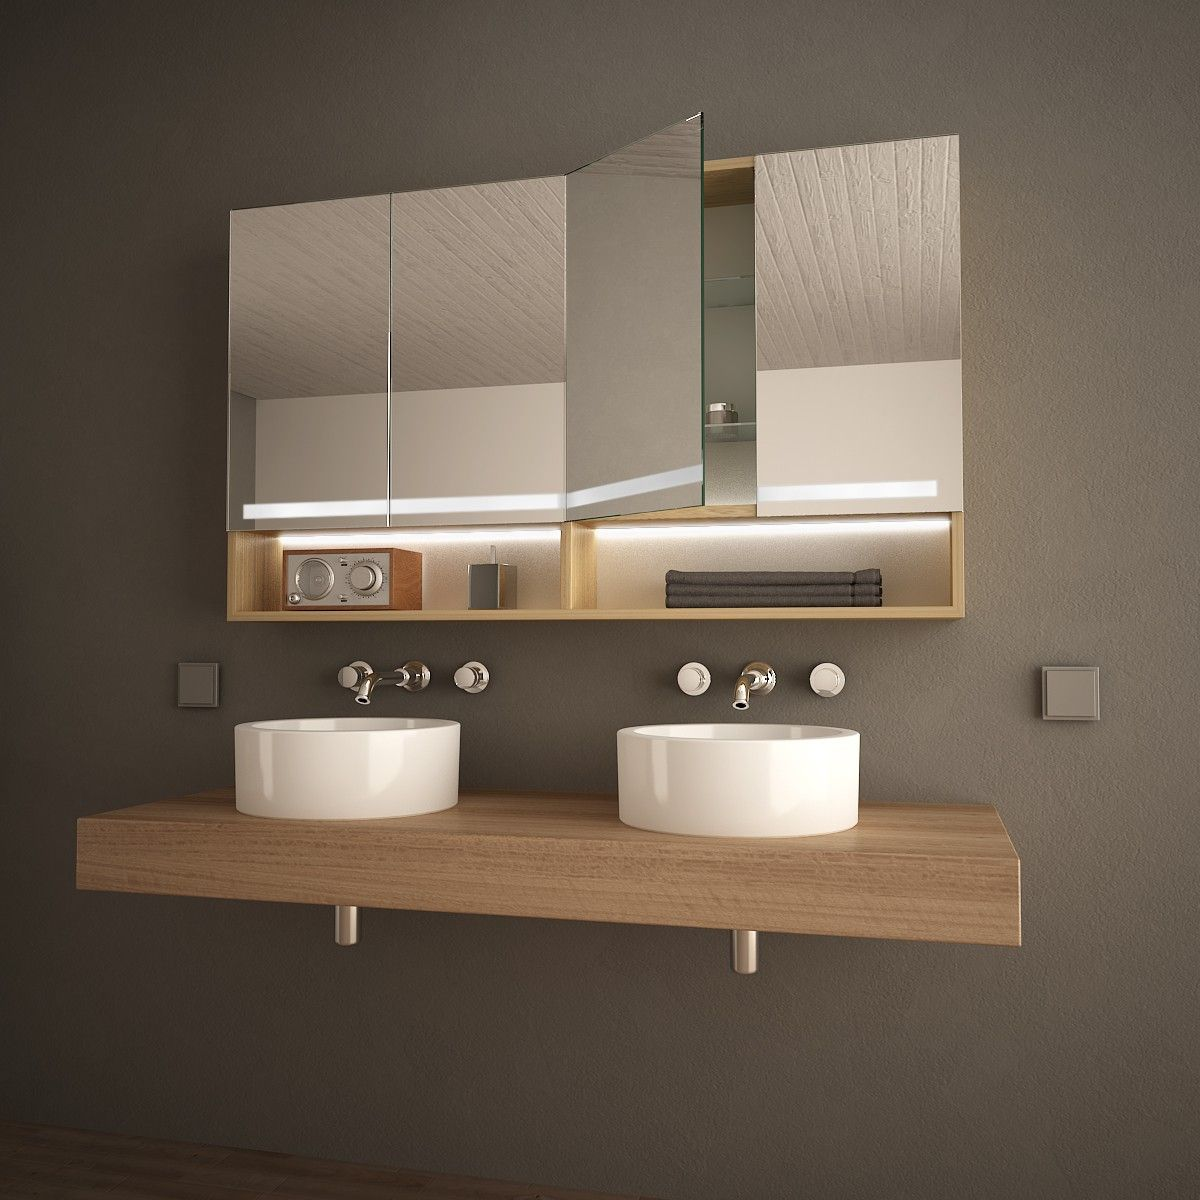 Spiegelschrank Nach Mass Mit Led Credo 989705563 Badezimmer Spiegelschrank Spiegelschrank Badezimmer